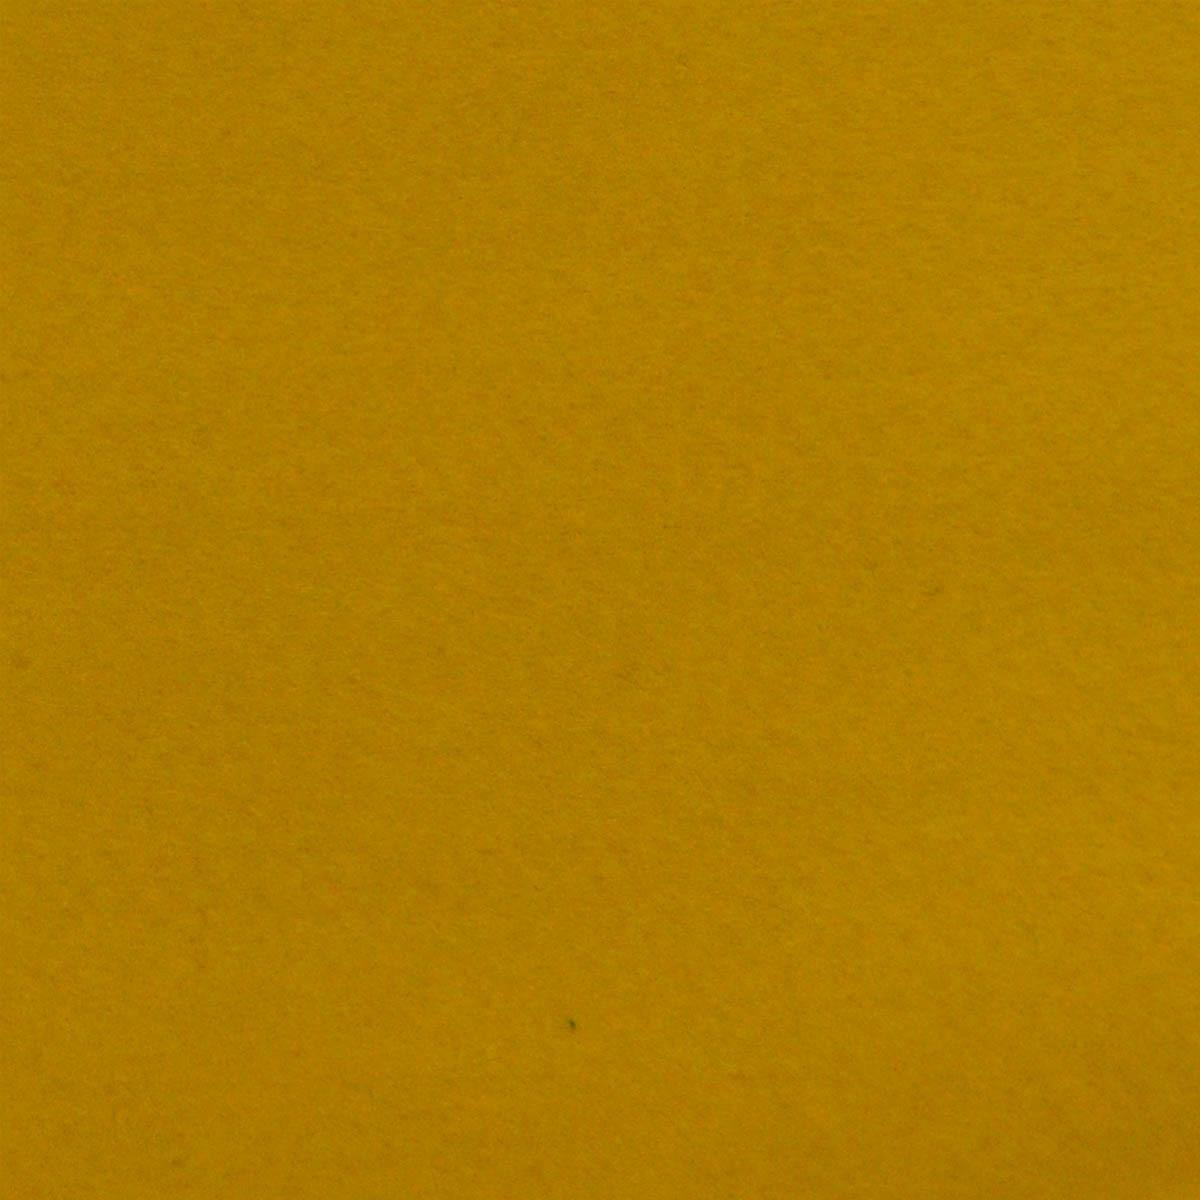 М'який Фетр Santi жовтий 21*30 див. 740442